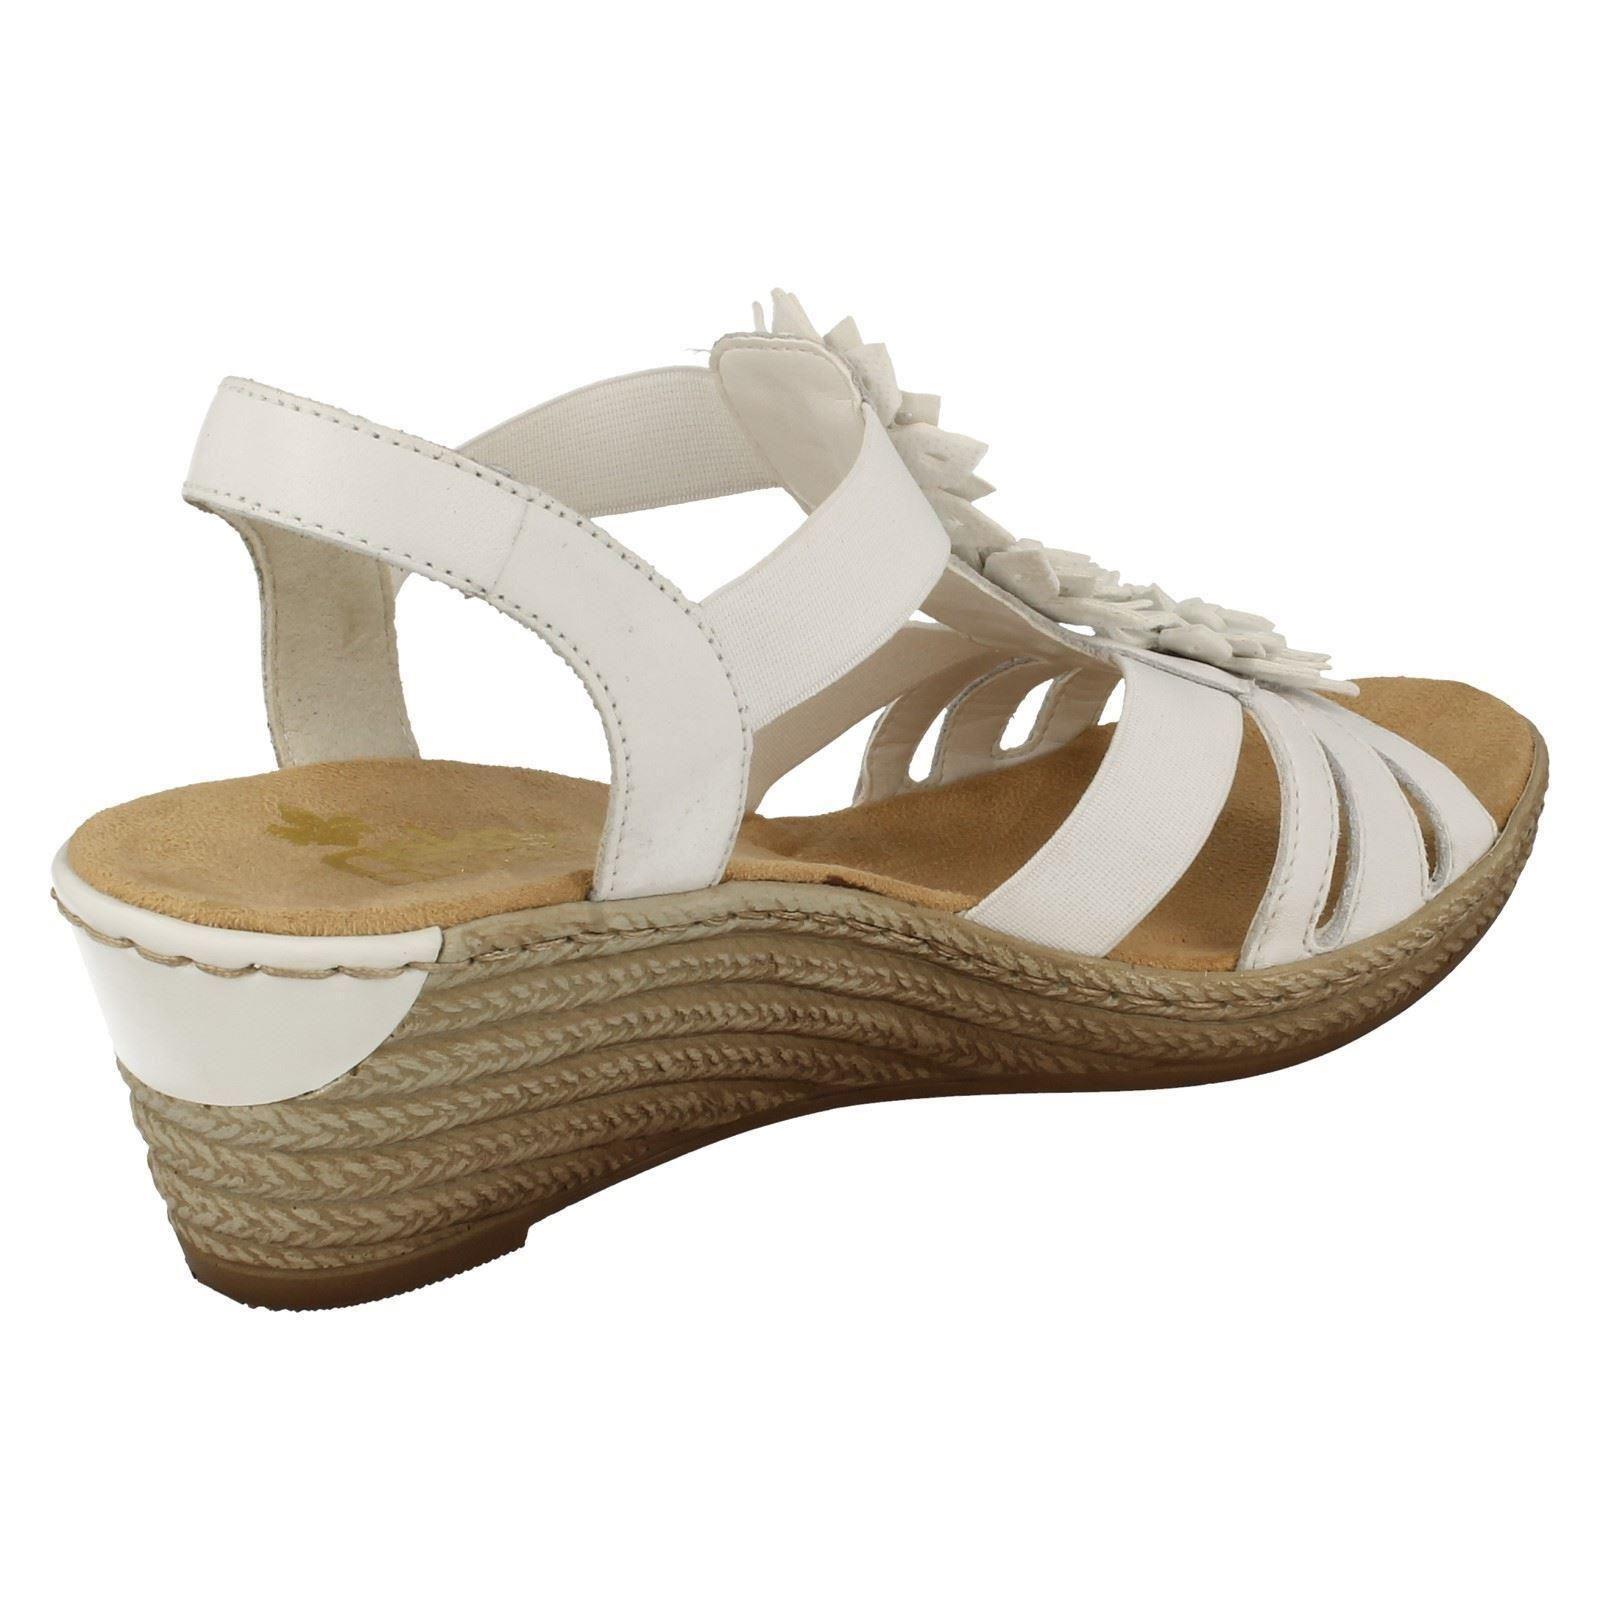 Último gran descuento Ladies Rieker Flower Detail Wedge Sandals '62461'